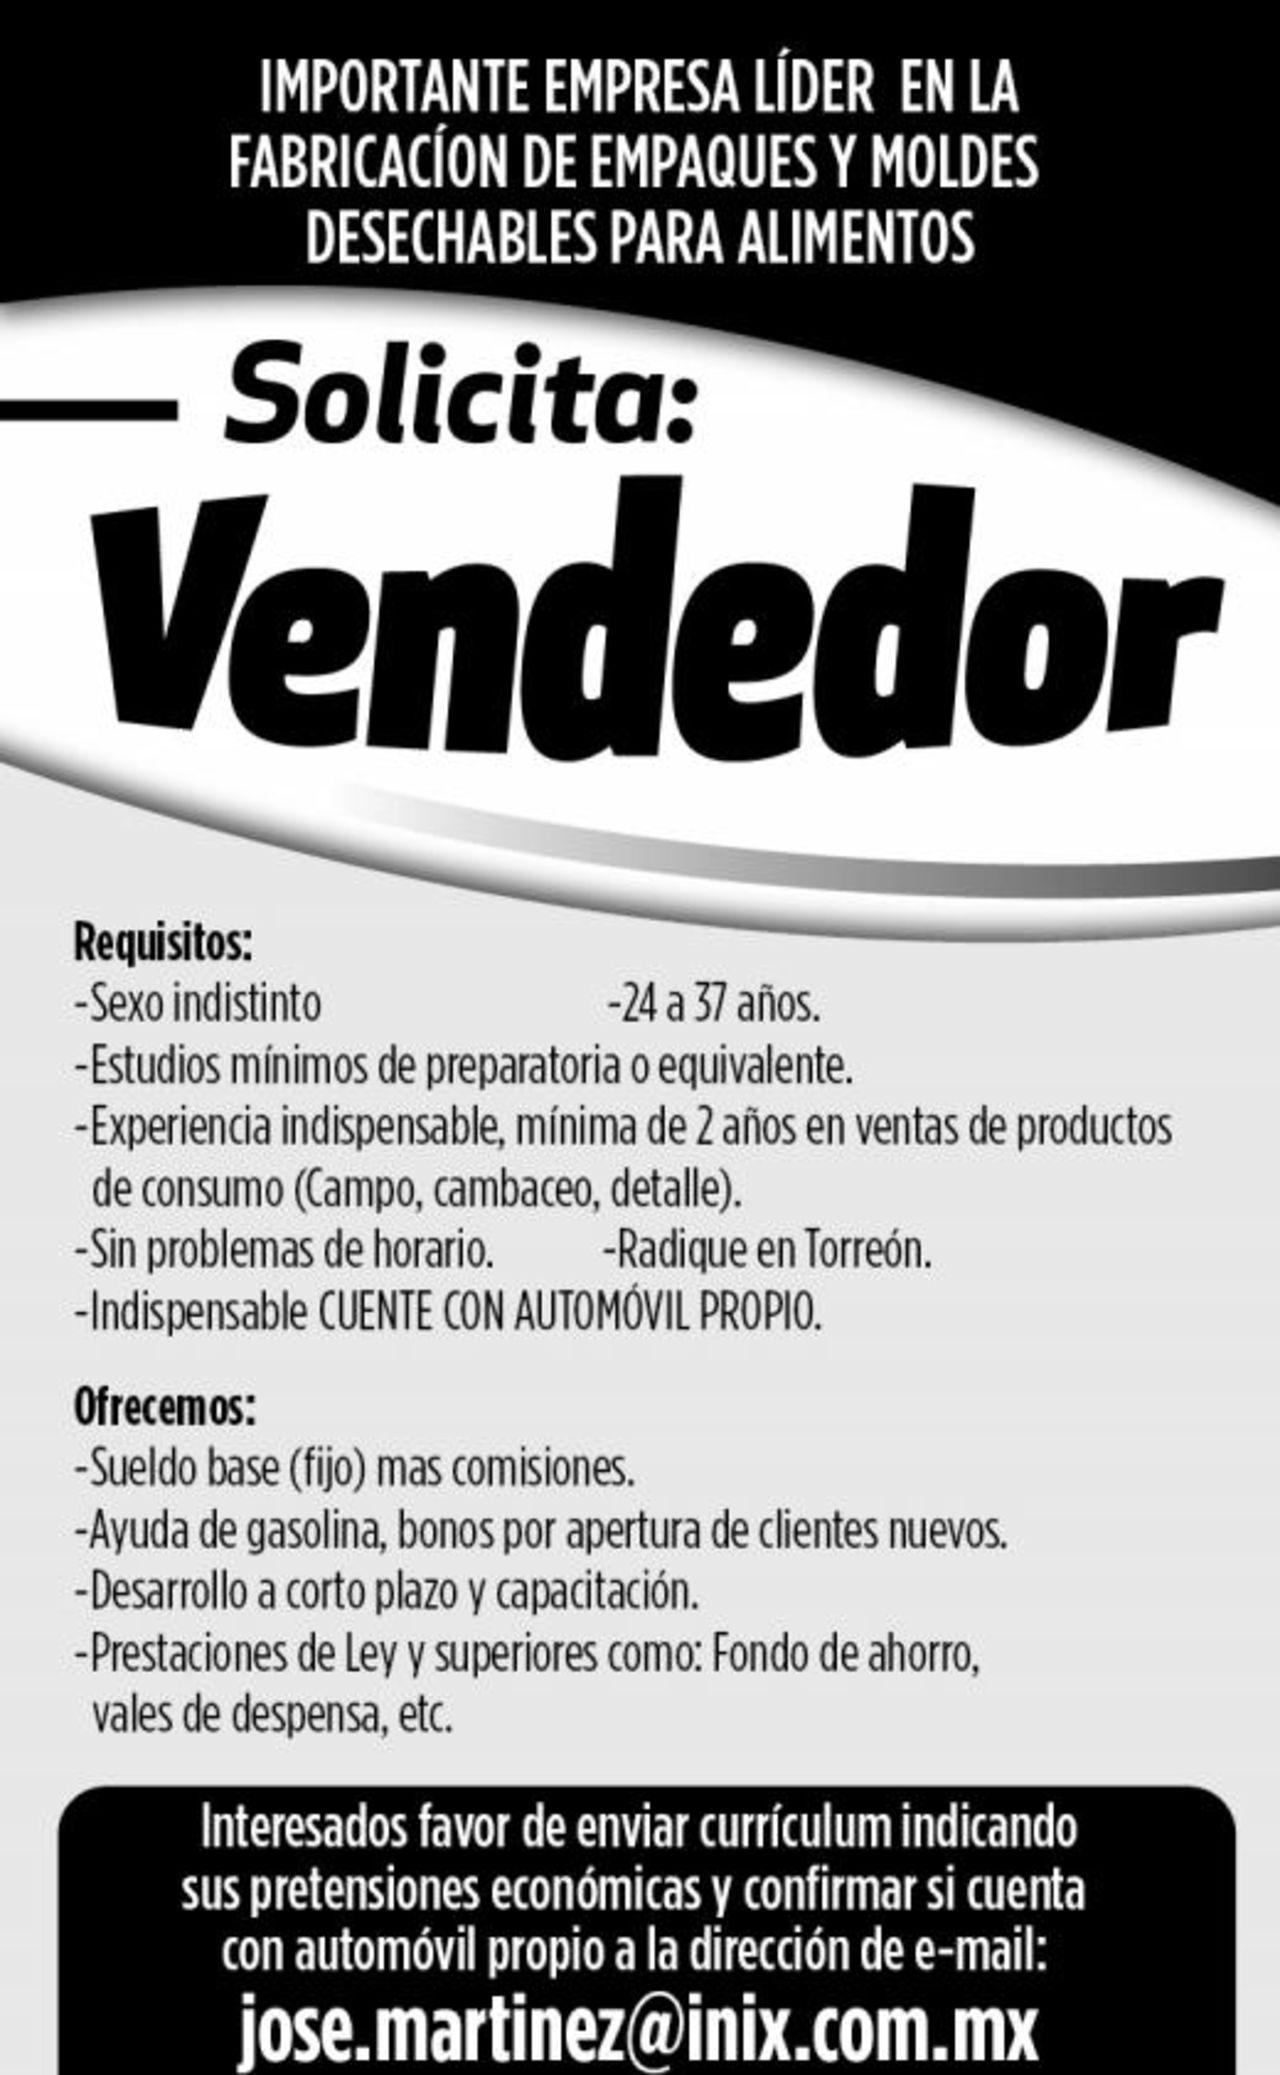 EMPLEO: SOLICITO VENDEDOR - Torreón desplegados El Siglo